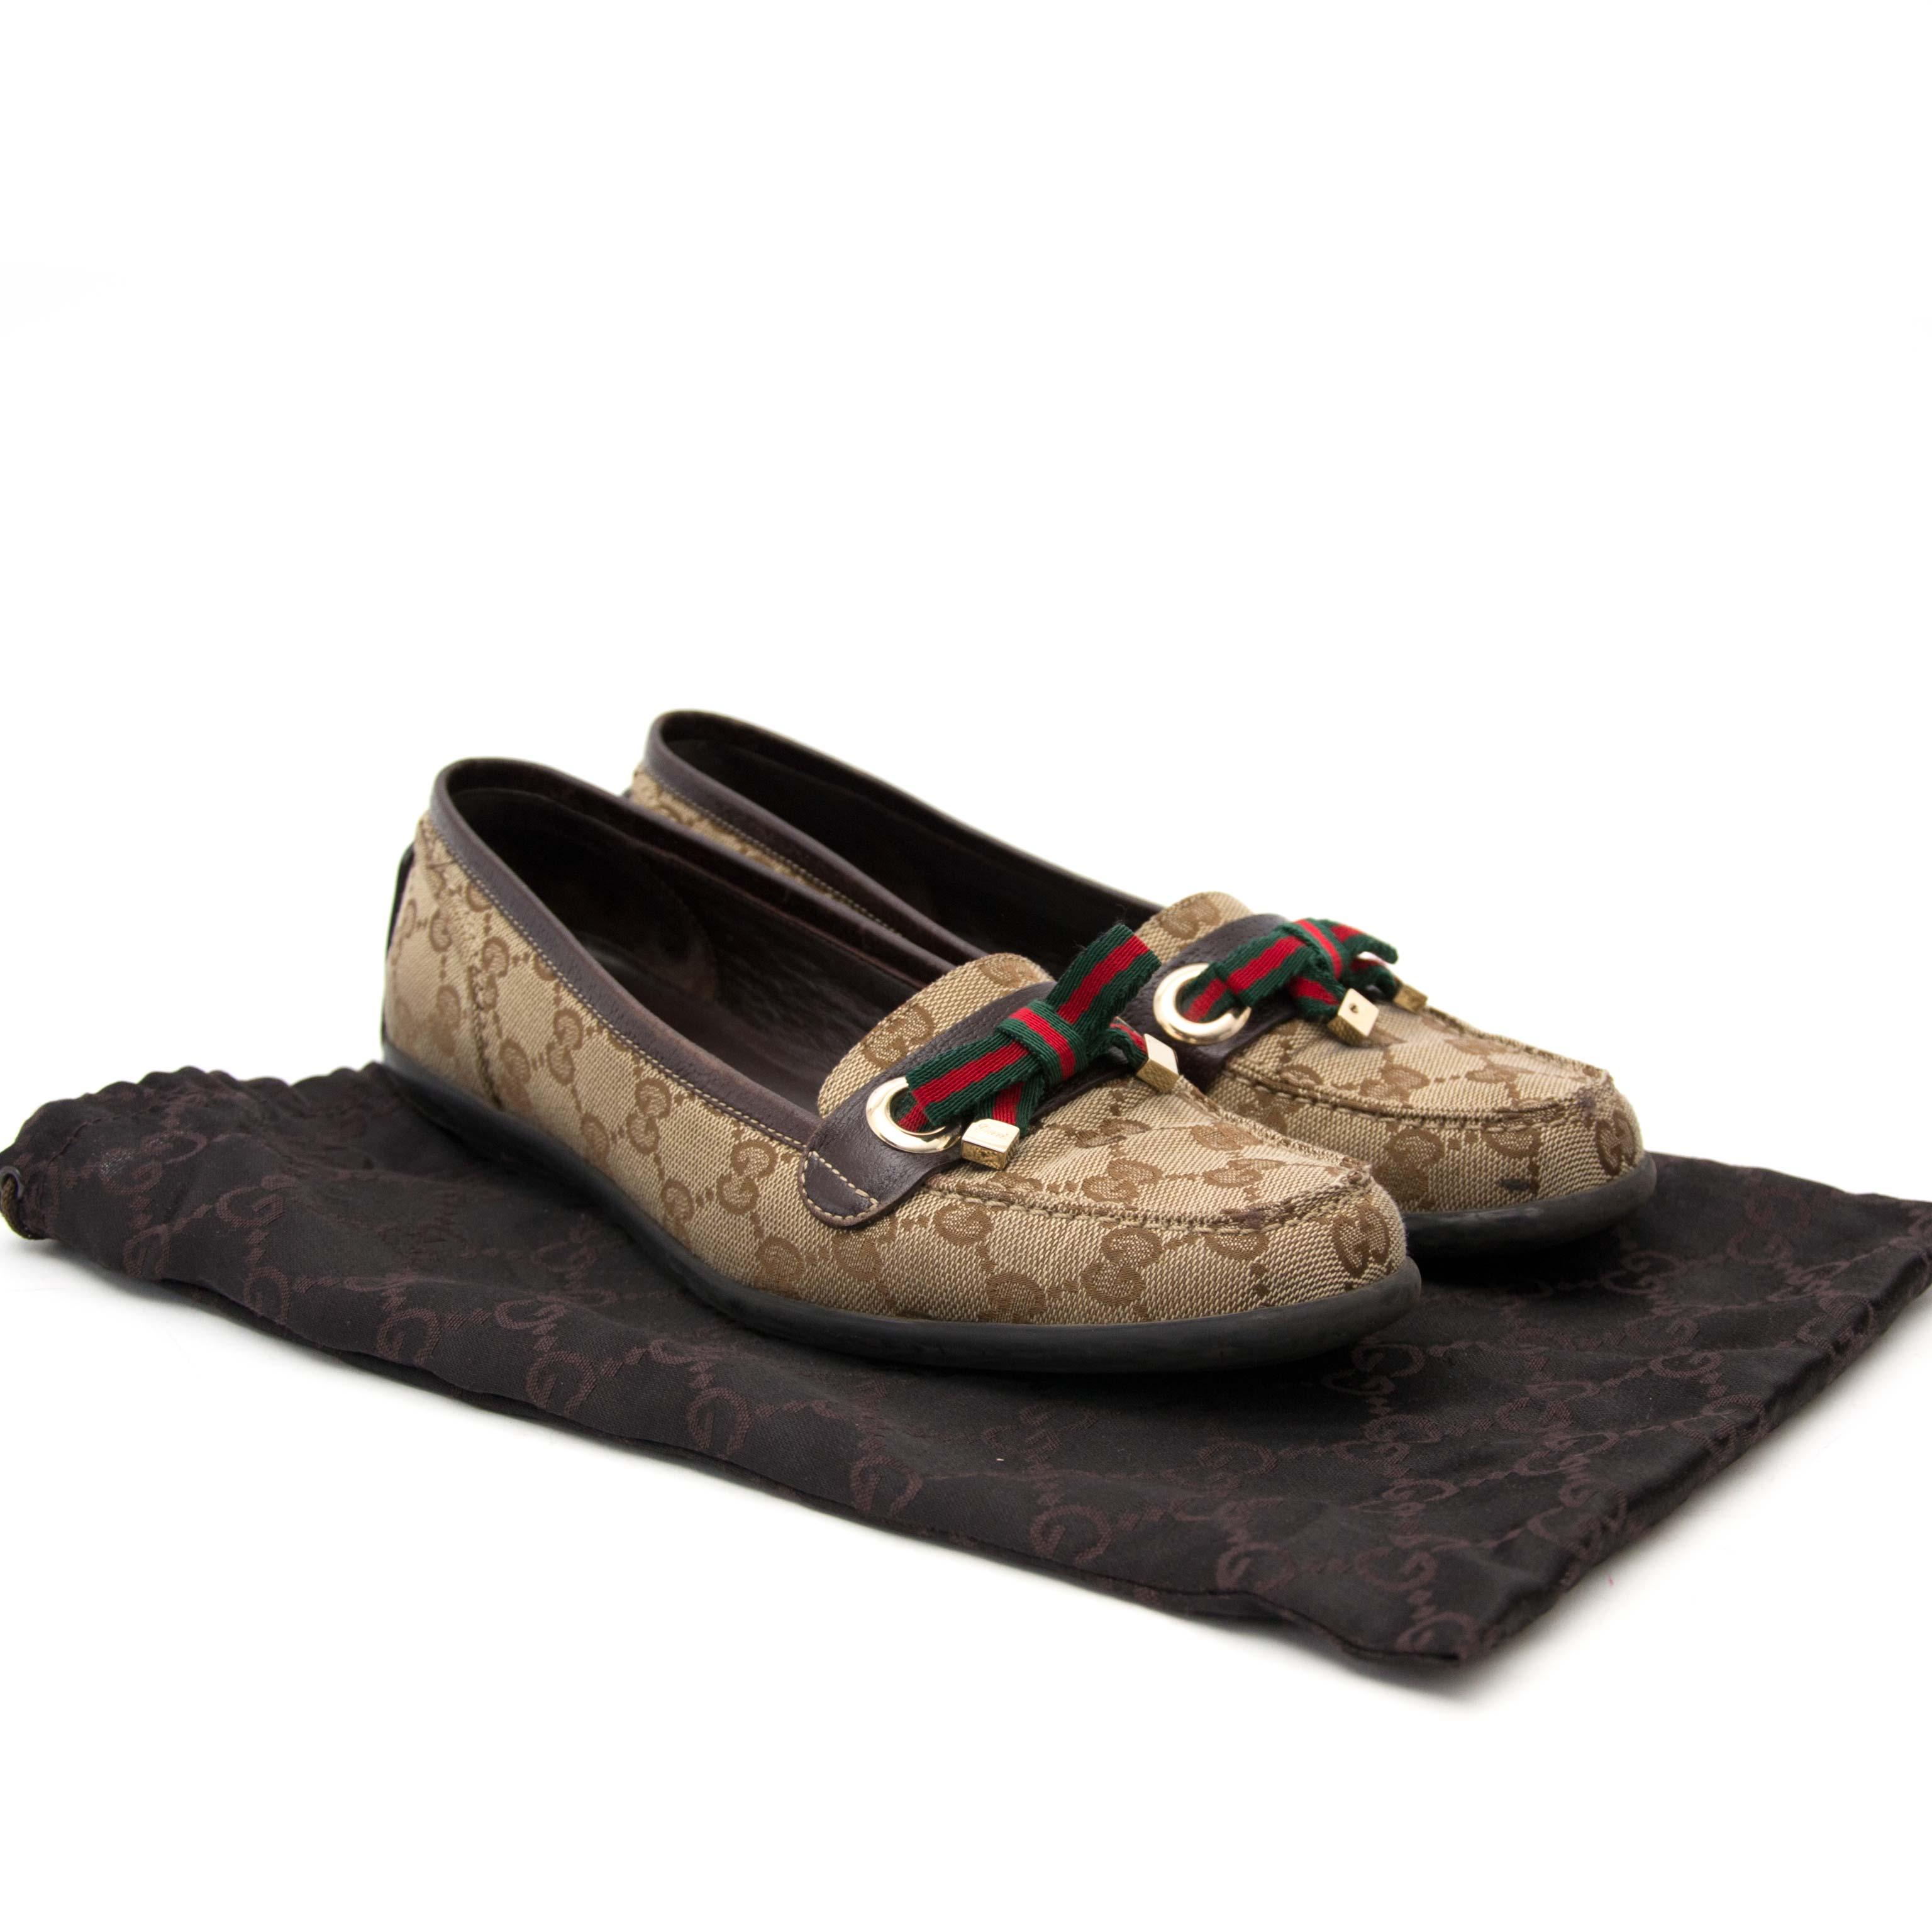 Acheter en ligne pour le meilleur prix Gucci Monogram Loafers